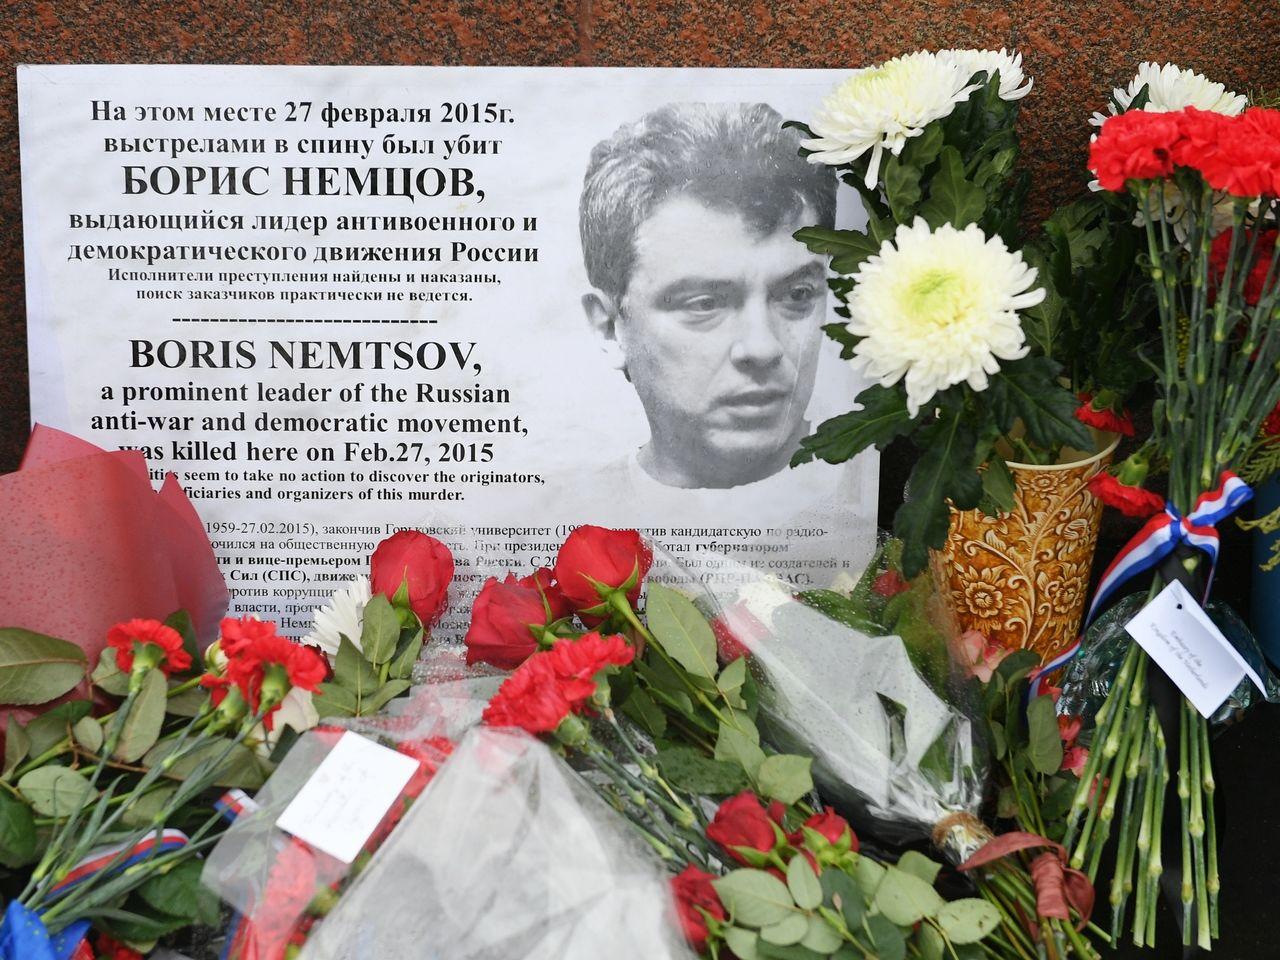 Гончаренко эффектно напомнил всем о дне рождения Немцова, упомянув Путина